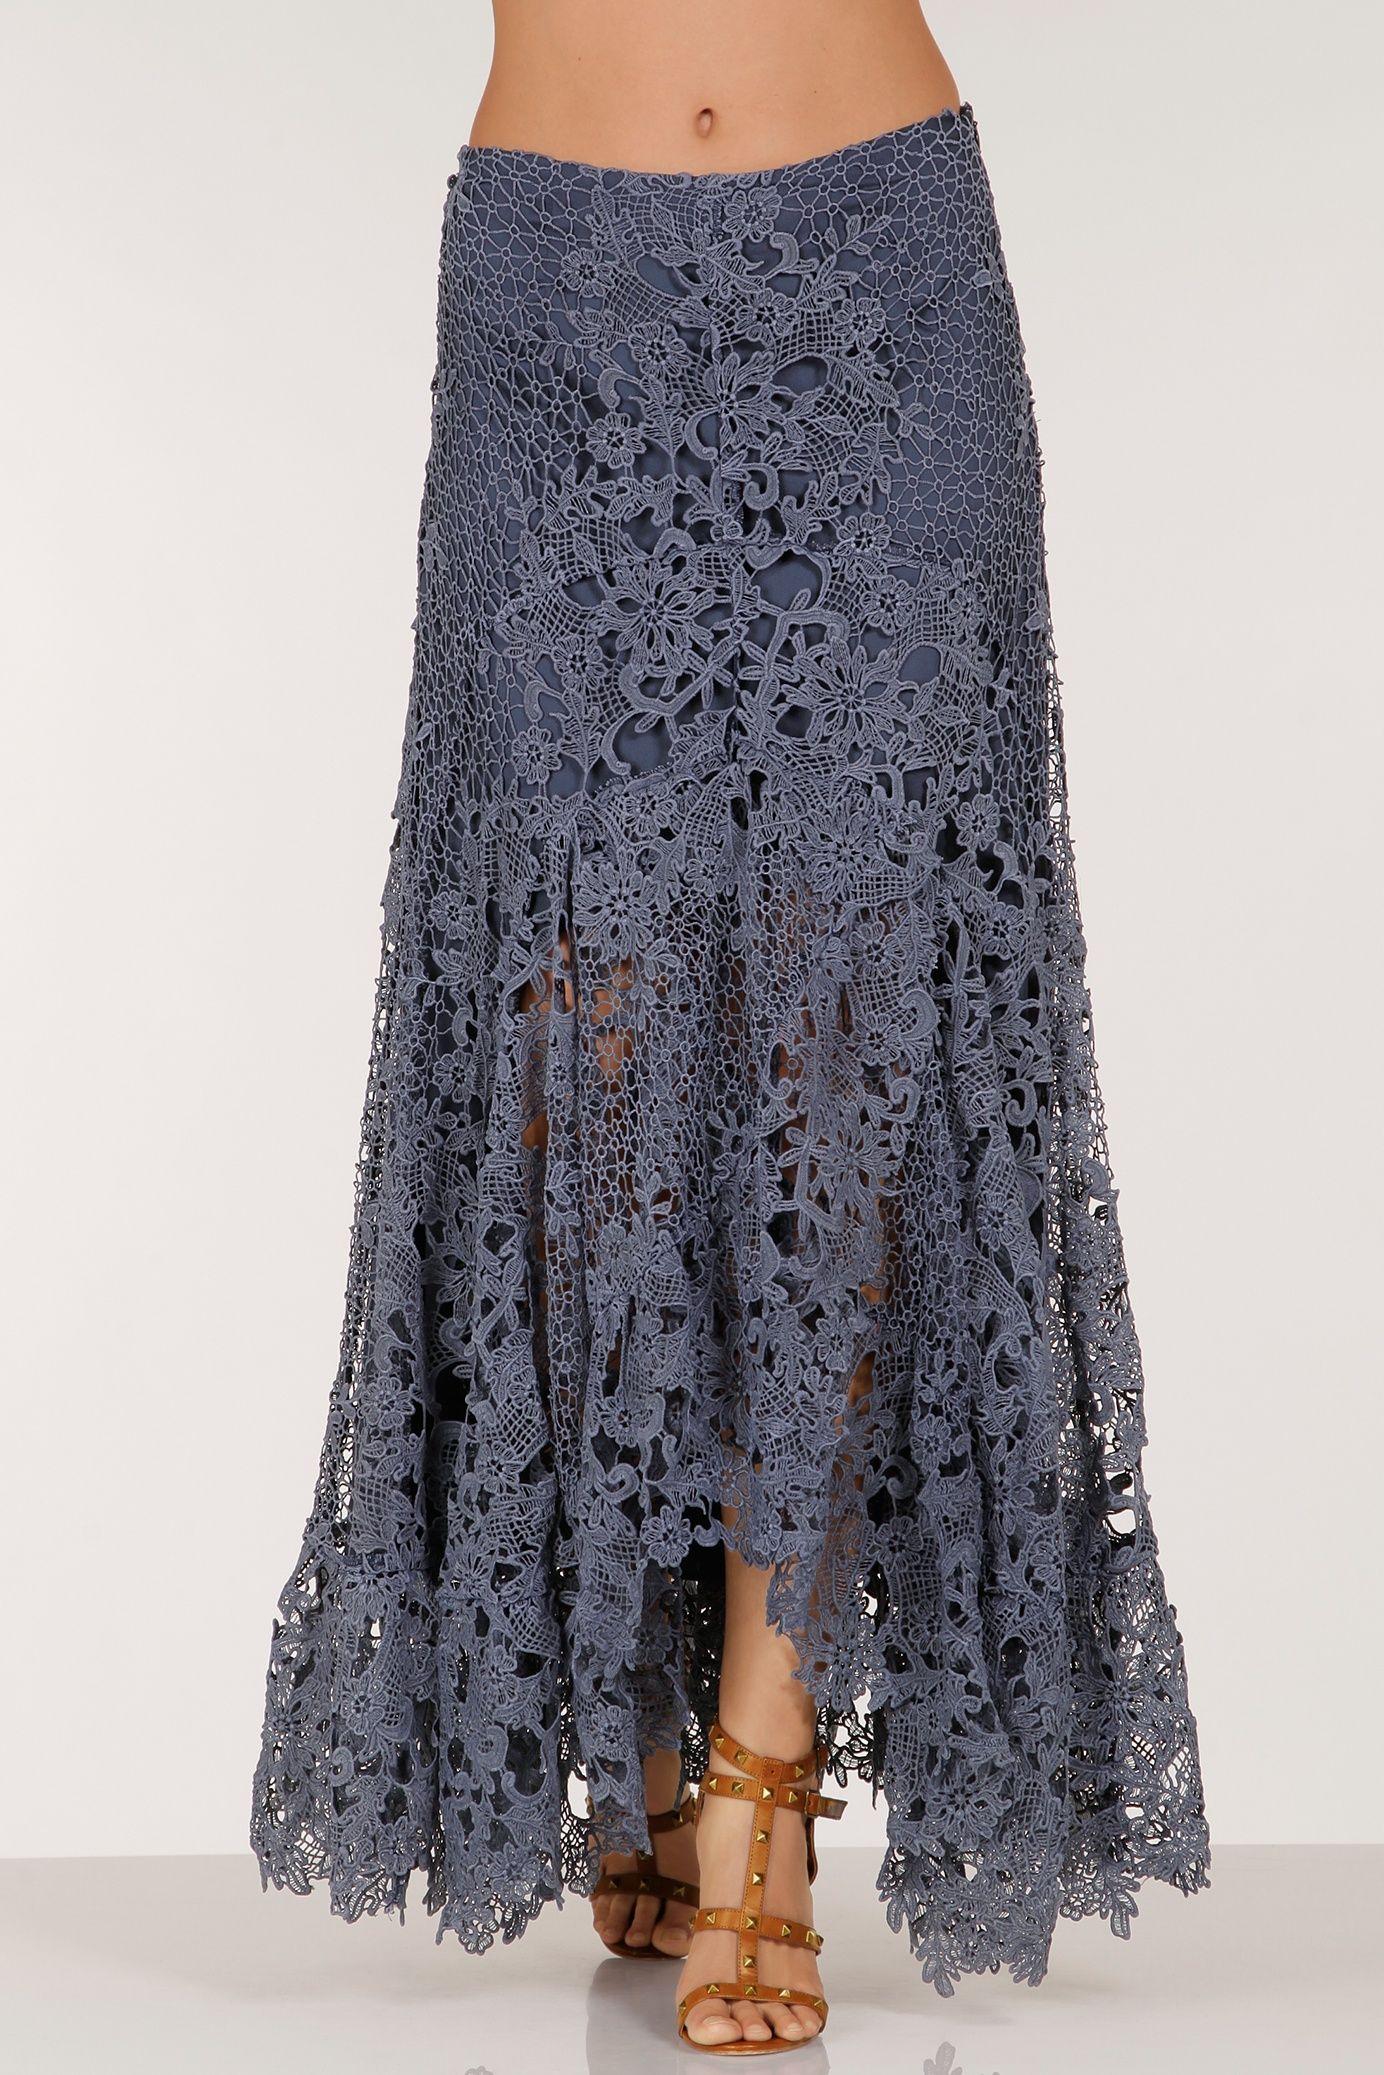 Costura | faldas varias | Pinterest | Costura, Falda y Ropa